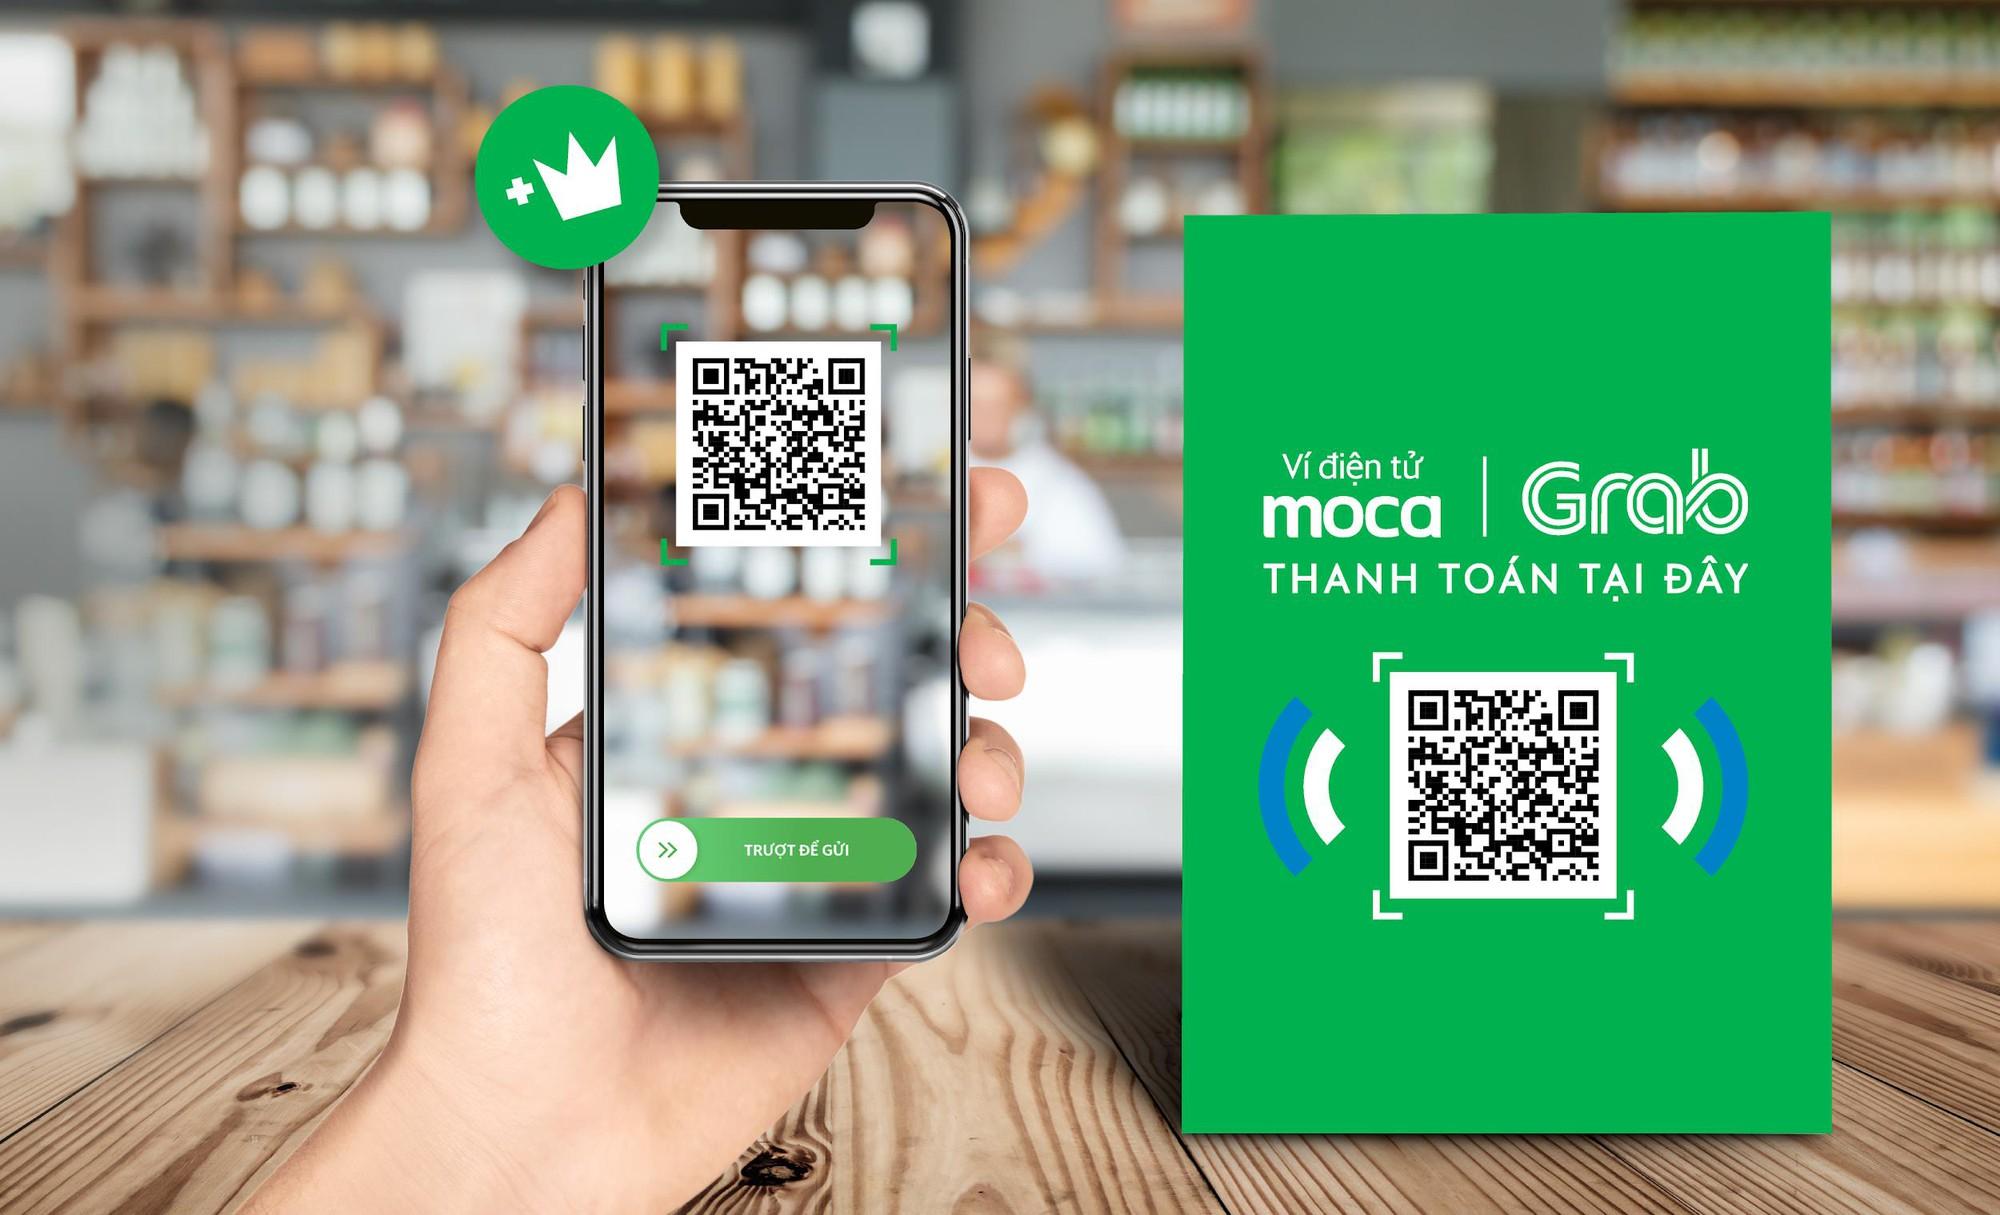 """Ví điện tử Moca tiếp tục tung gói ưu đãi """"10 deal đỉnh"""" chỉ với 19.900 đồng - Ảnh 2."""